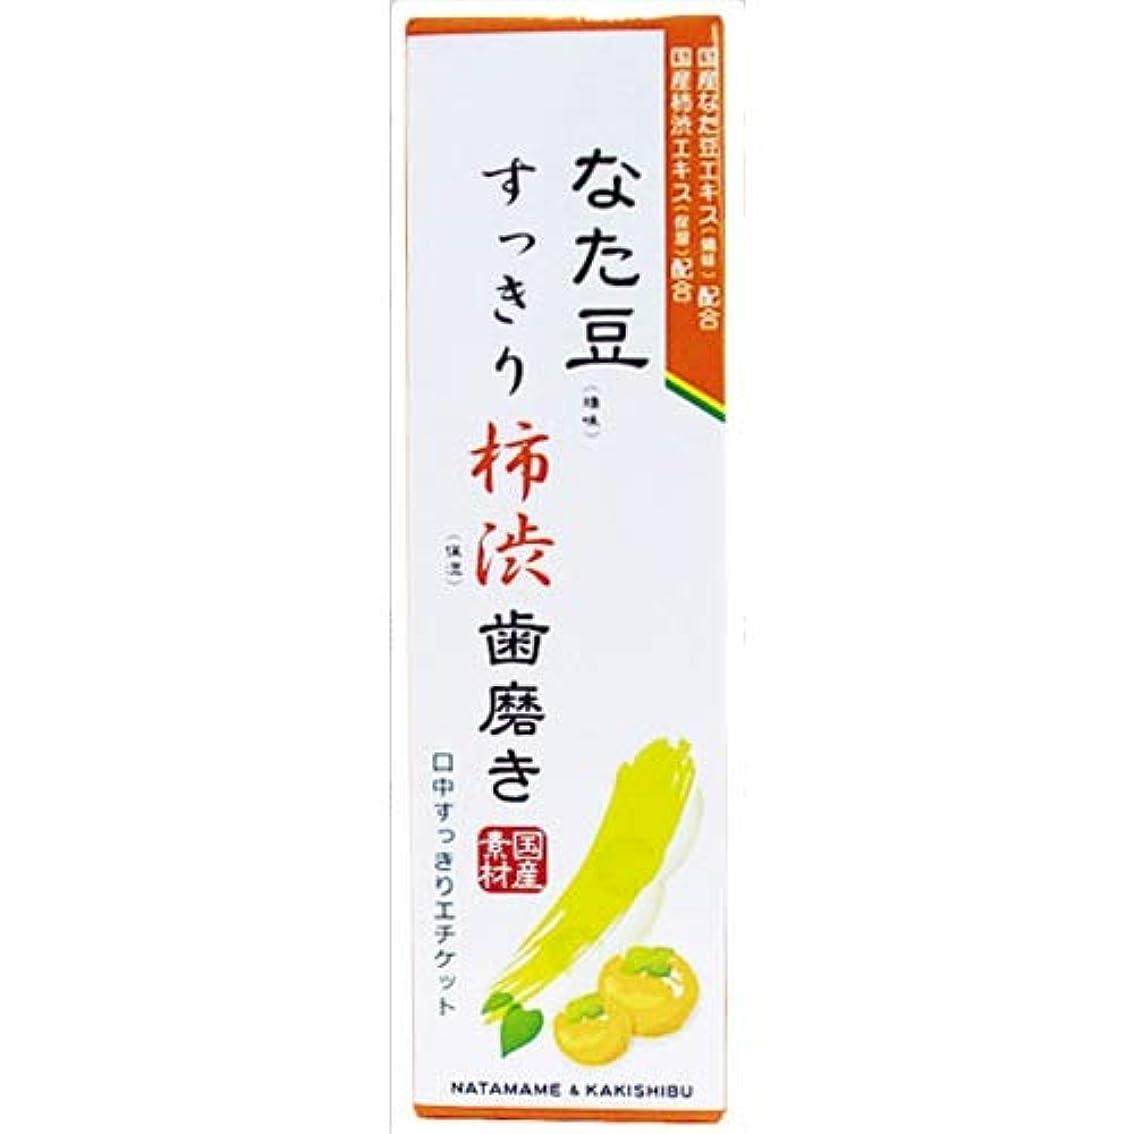 むちゃくちゃ否認する憂鬱ななた豆(矯味)すっきり柿渋(保湿)歯磨き粉 × 10個セット